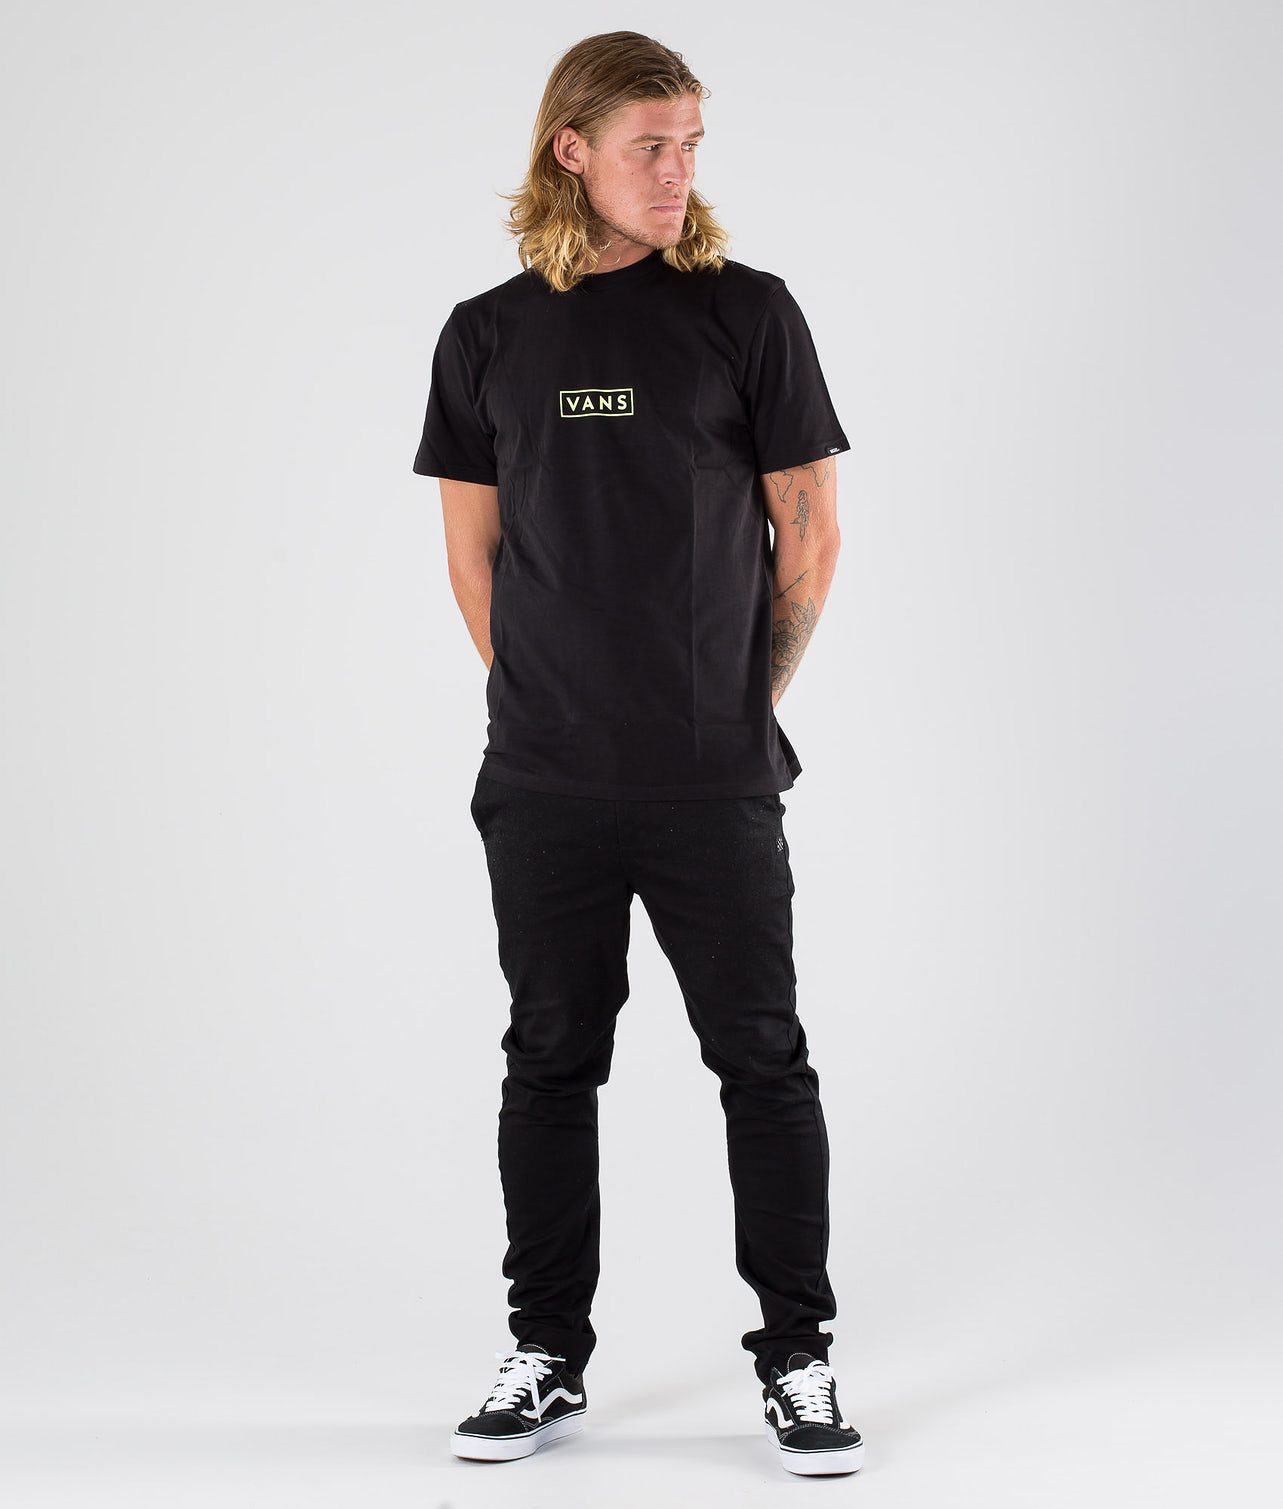 Kjøp Vans Easy Box T-shirt fra Vans på Ridestore.no - Hos oss har du alltid fri frakt, fri retur og 30 dagers åpent kjøp!